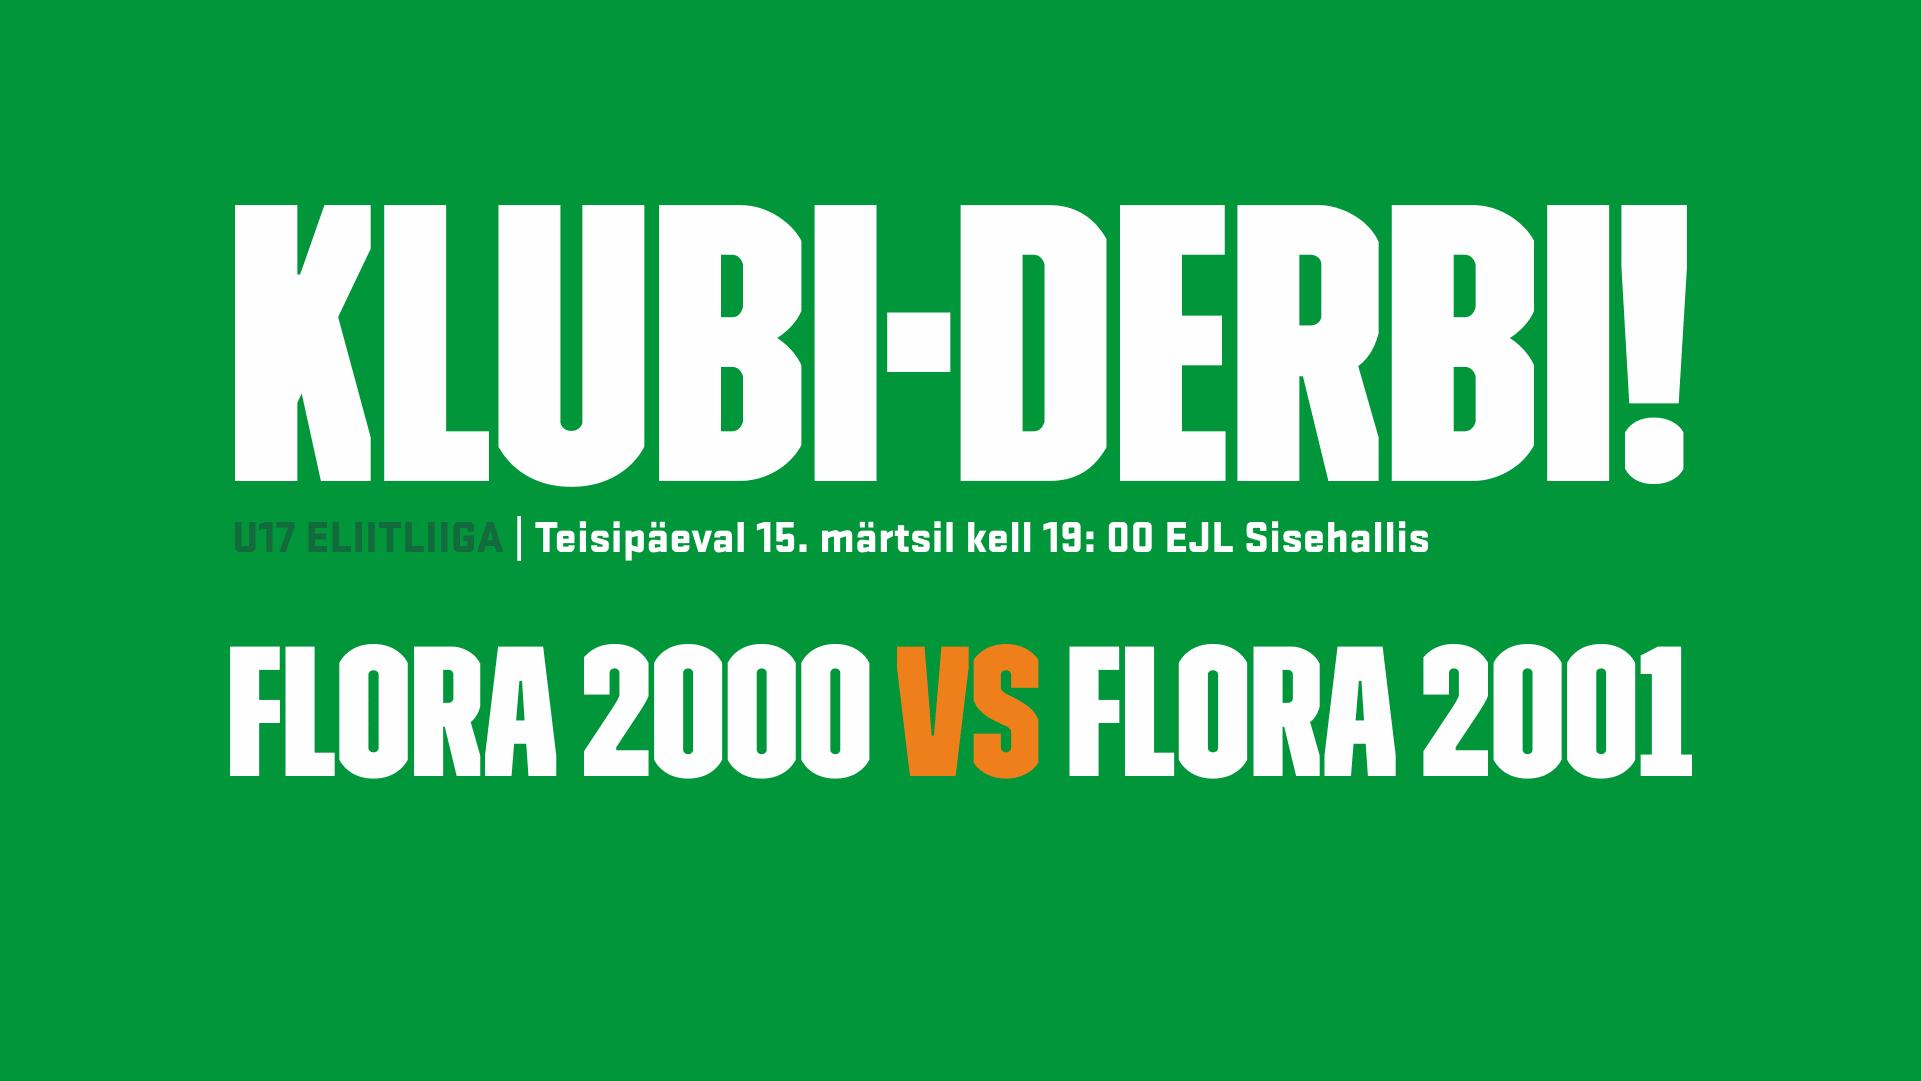 U17 Eliitliiga Flora 2000 vs Flora 2001